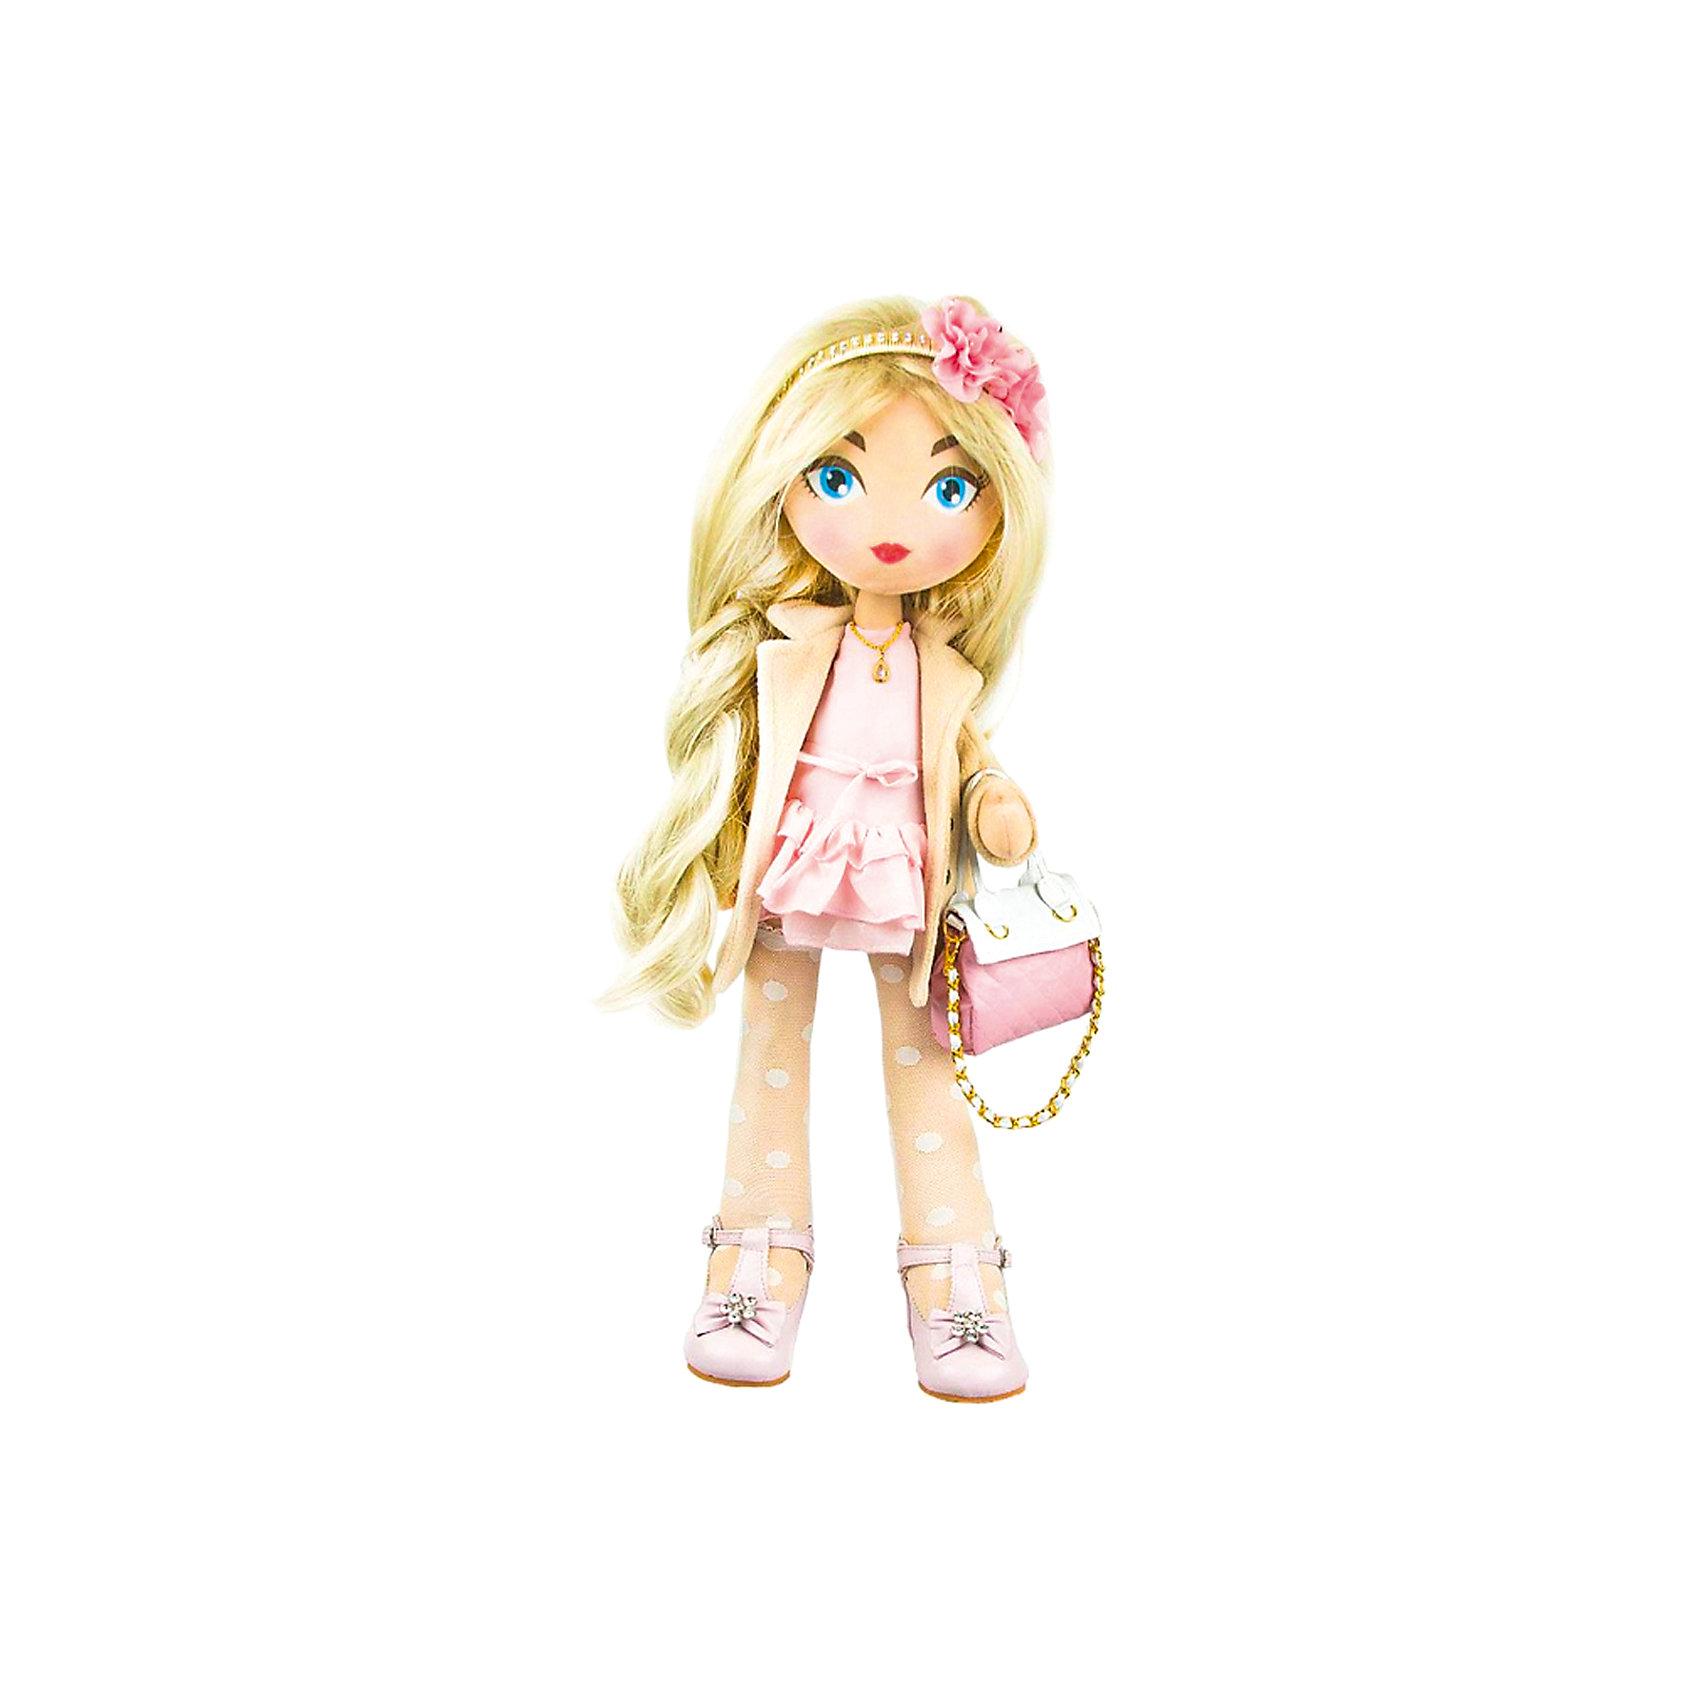 Мягкая кукла Daisy Design Romantic, 55 смКуклы<br>Характеристики товара:<br><br>• возраст: от 3 лет;<br>• материал: текстиль;<br>• высота куклы: 55 см;<br>• размер упаковки: 57х18х15 см;<br>• вес упаковки: 1,263 кг;<br>• страна производитель: Китай.<br><br>Кукла Daisy Design Romantic — очаровательная кукла с большими голубыми глазами и длинными светлыми волосами. Волосы можно расчесывать, украшать и заплетать. Кукла одета в розовое платье, пальто, туфельки. Дополняют образ ободок на голове с цветком и сумочка. Кукла полностью выполнена из мягкого текстиля, каркас жесткий.<br><br>Куклу Daisy Design Romantic можно приобрести в нашем интернет-магазине.<br><br>Ширина мм: 180<br>Глубина мм: 570<br>Высота мм: 150<br>Вес г: 1263<br>Возраст от месяцев: 36<br>Возраст до месяцев: 2147483647<br>Пол: Женский<br>Возраст: Детский<br>SKU: 7129607